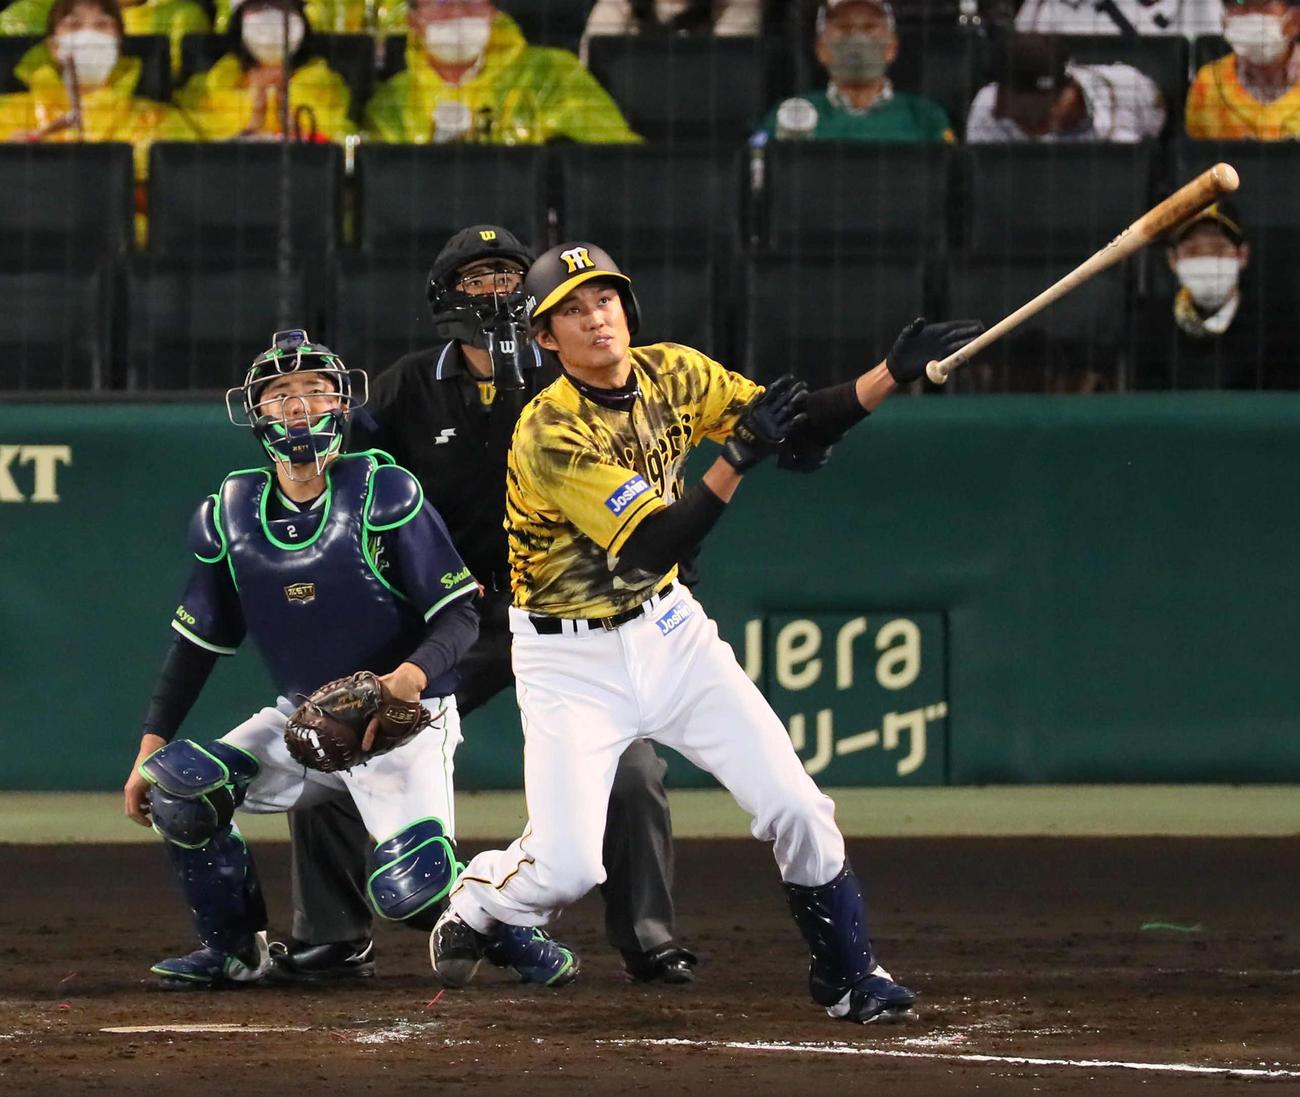 阪神対広島 5回裏阪神2死二塁、藤浪は先制の左越え2点本塁打を放つ(撮影・宮崎幸一)